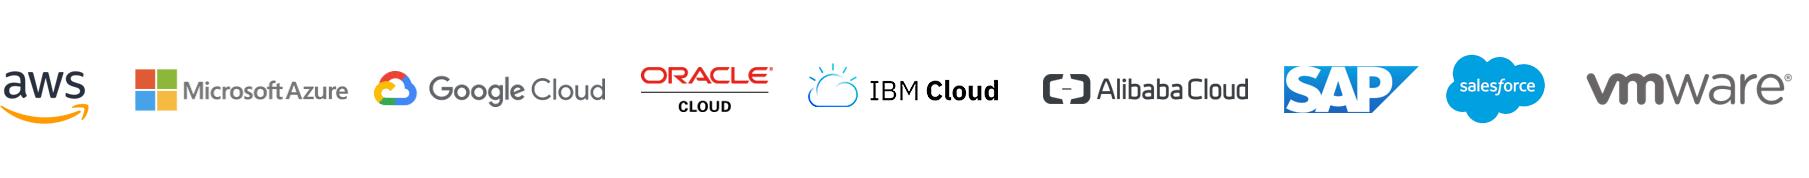 any_major_cloud-3